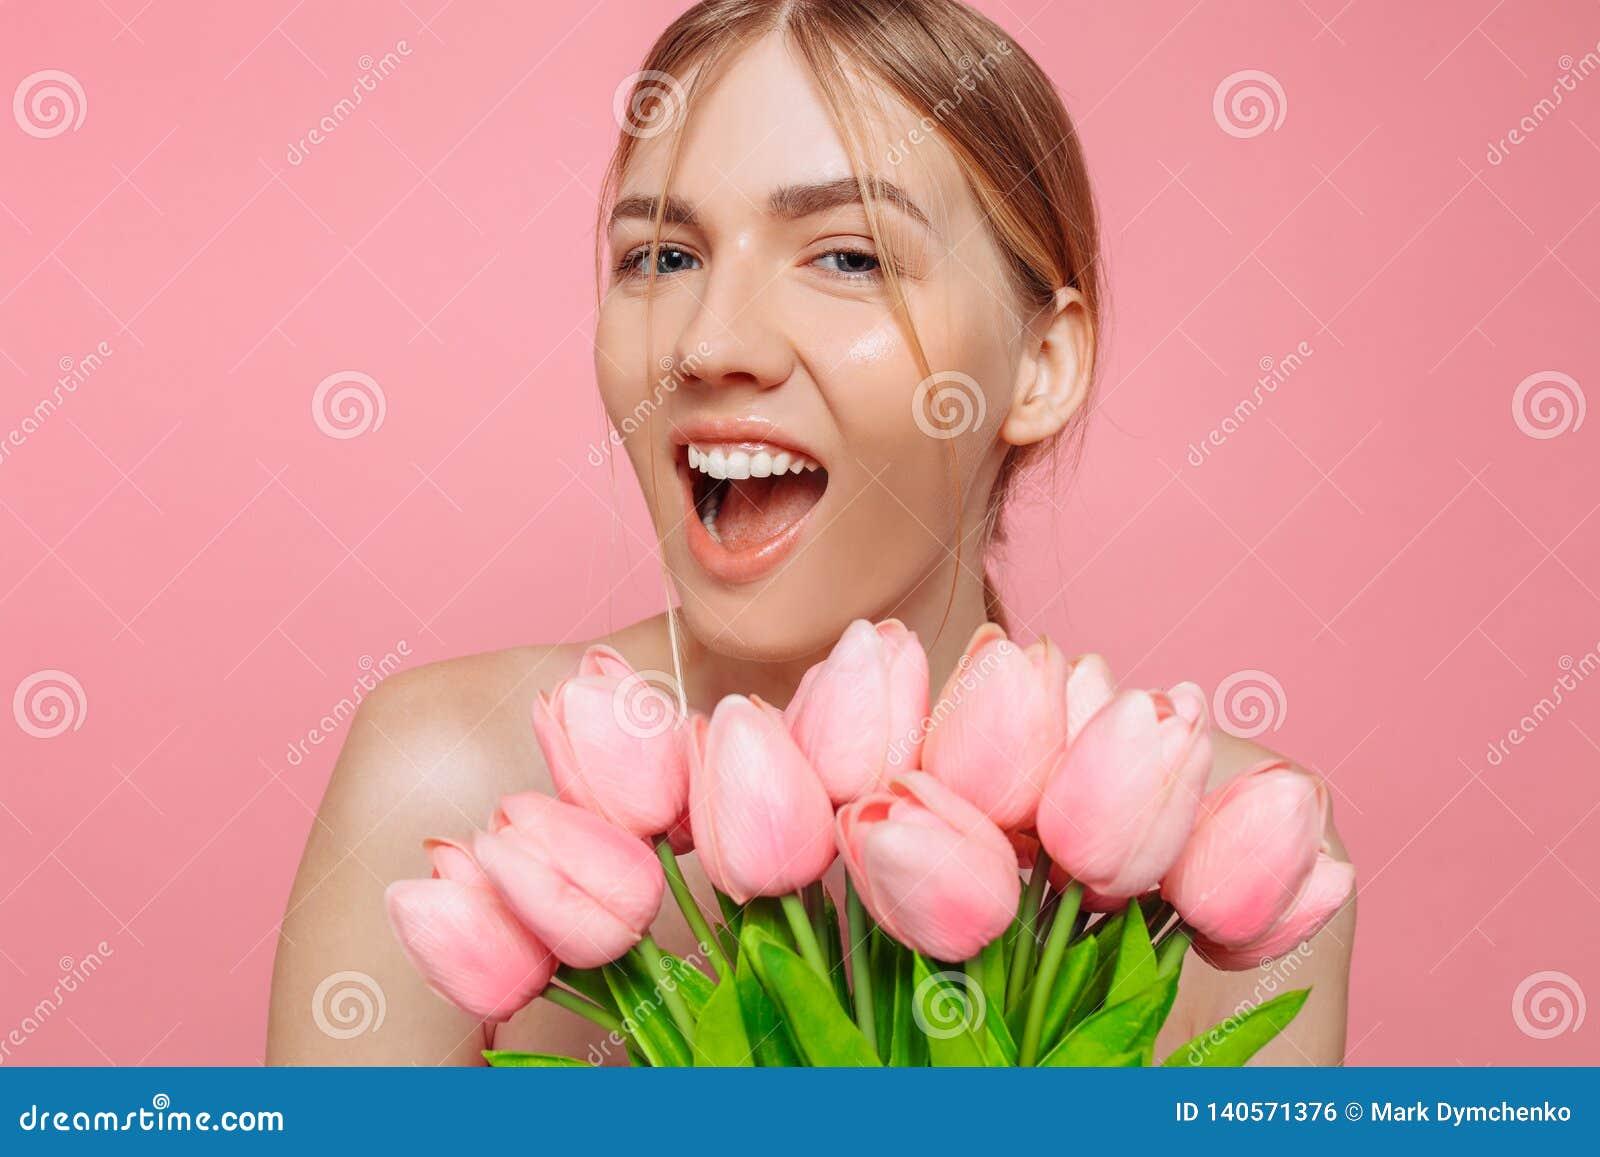 Mooi jong meisje die met schone huid een boeket van roze tulpen, op een roze achtergrond houden